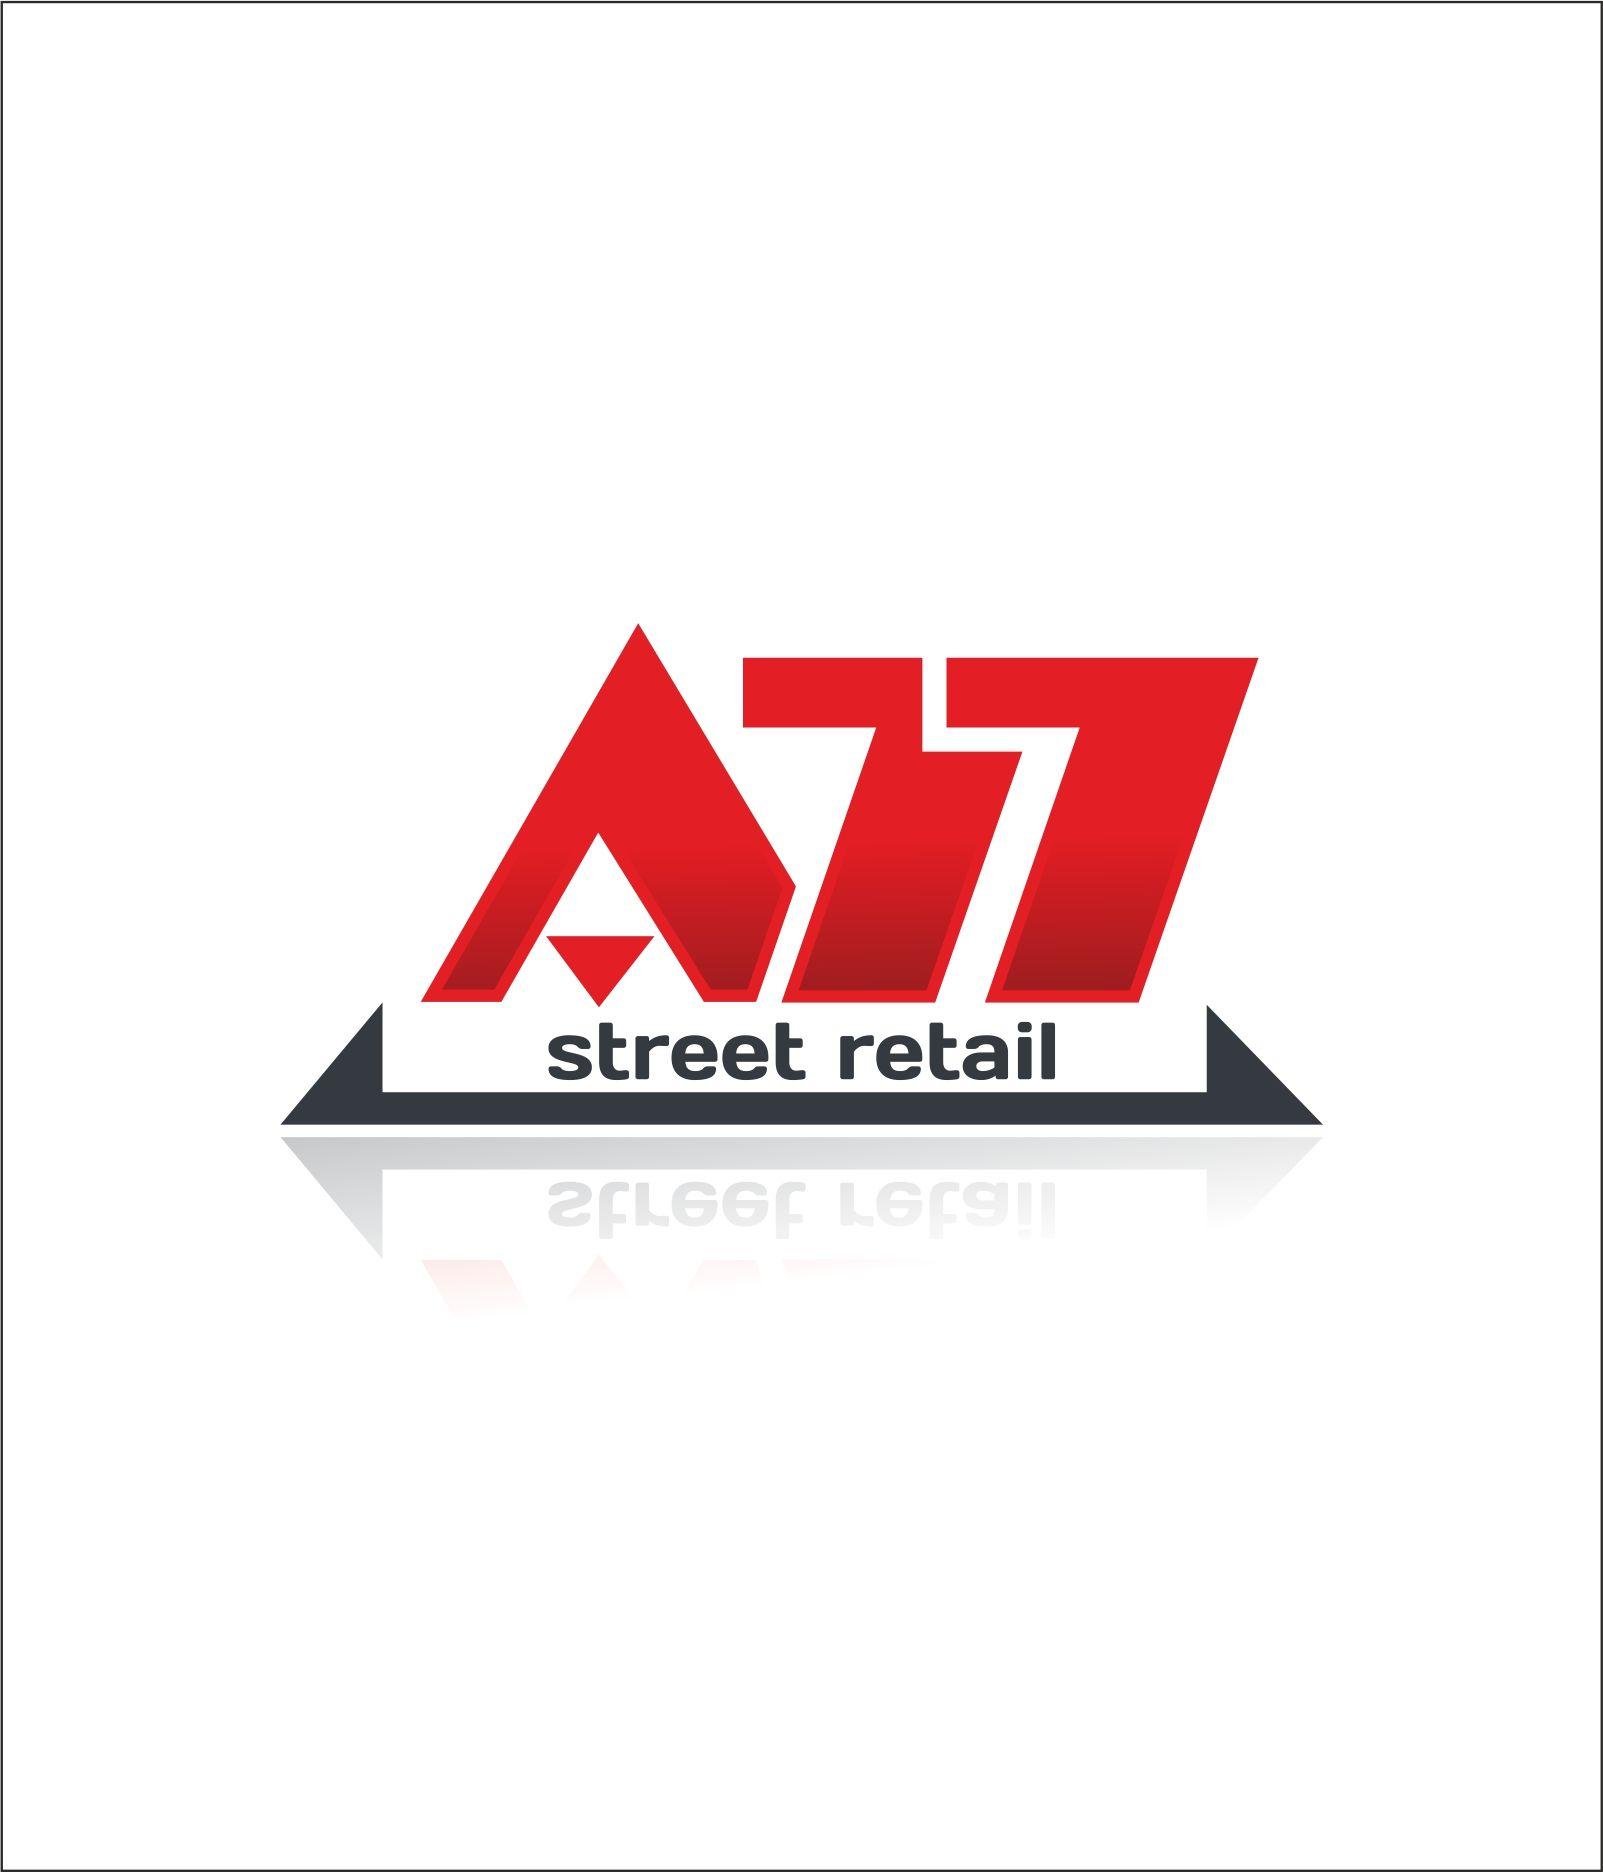 Лого для сайта по коммерческой недвижимости A77.RU - дизайнер Stan_9